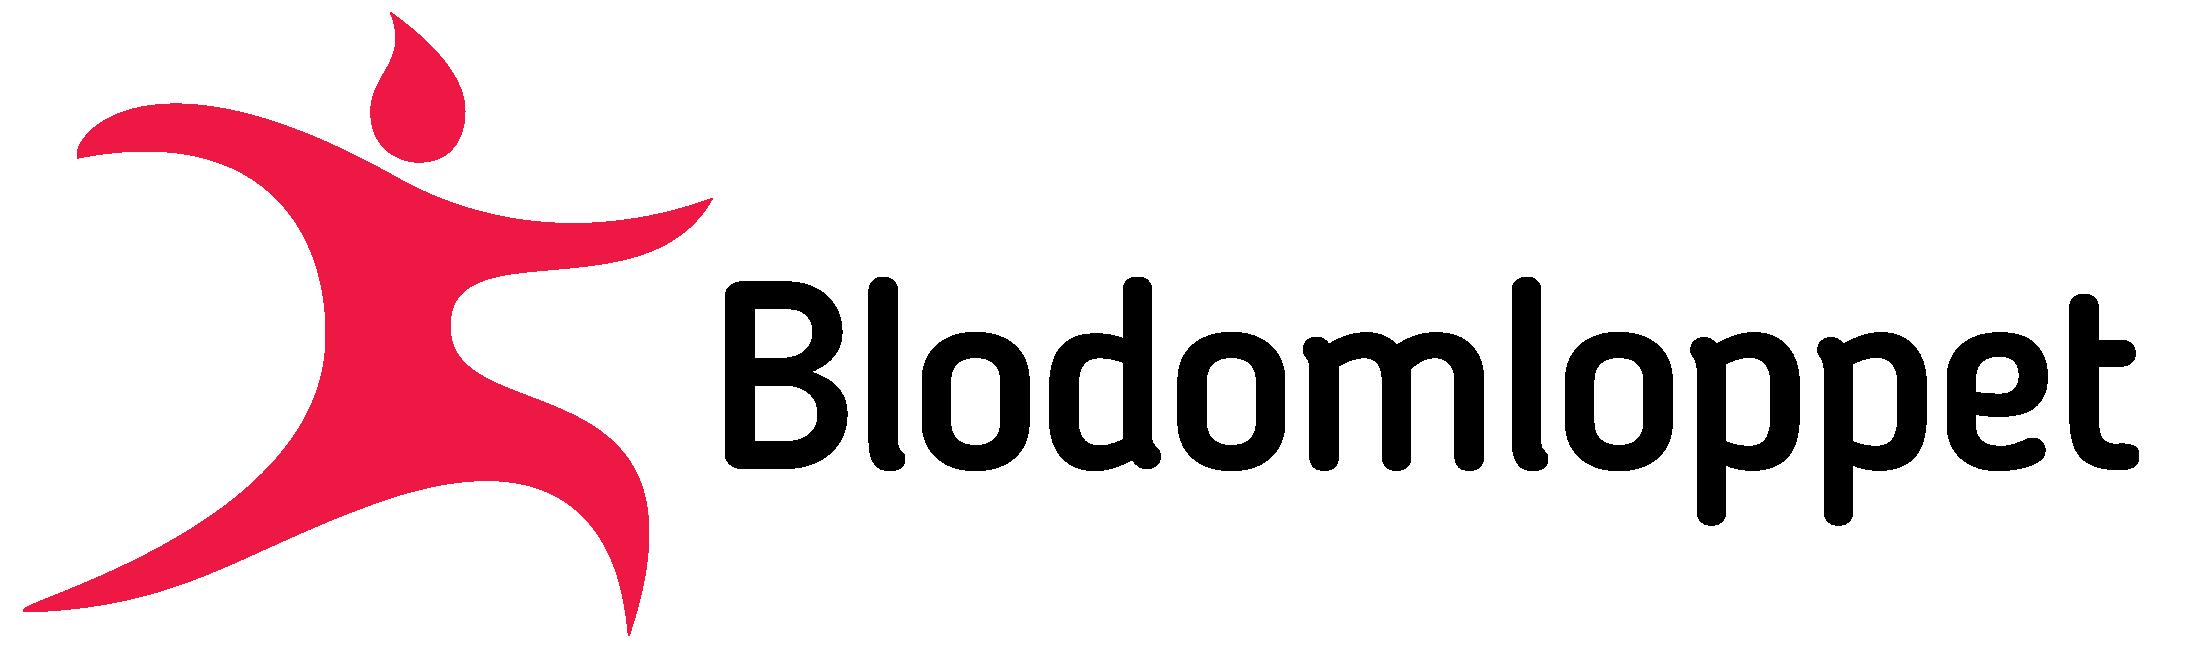 blodomloppet-2016